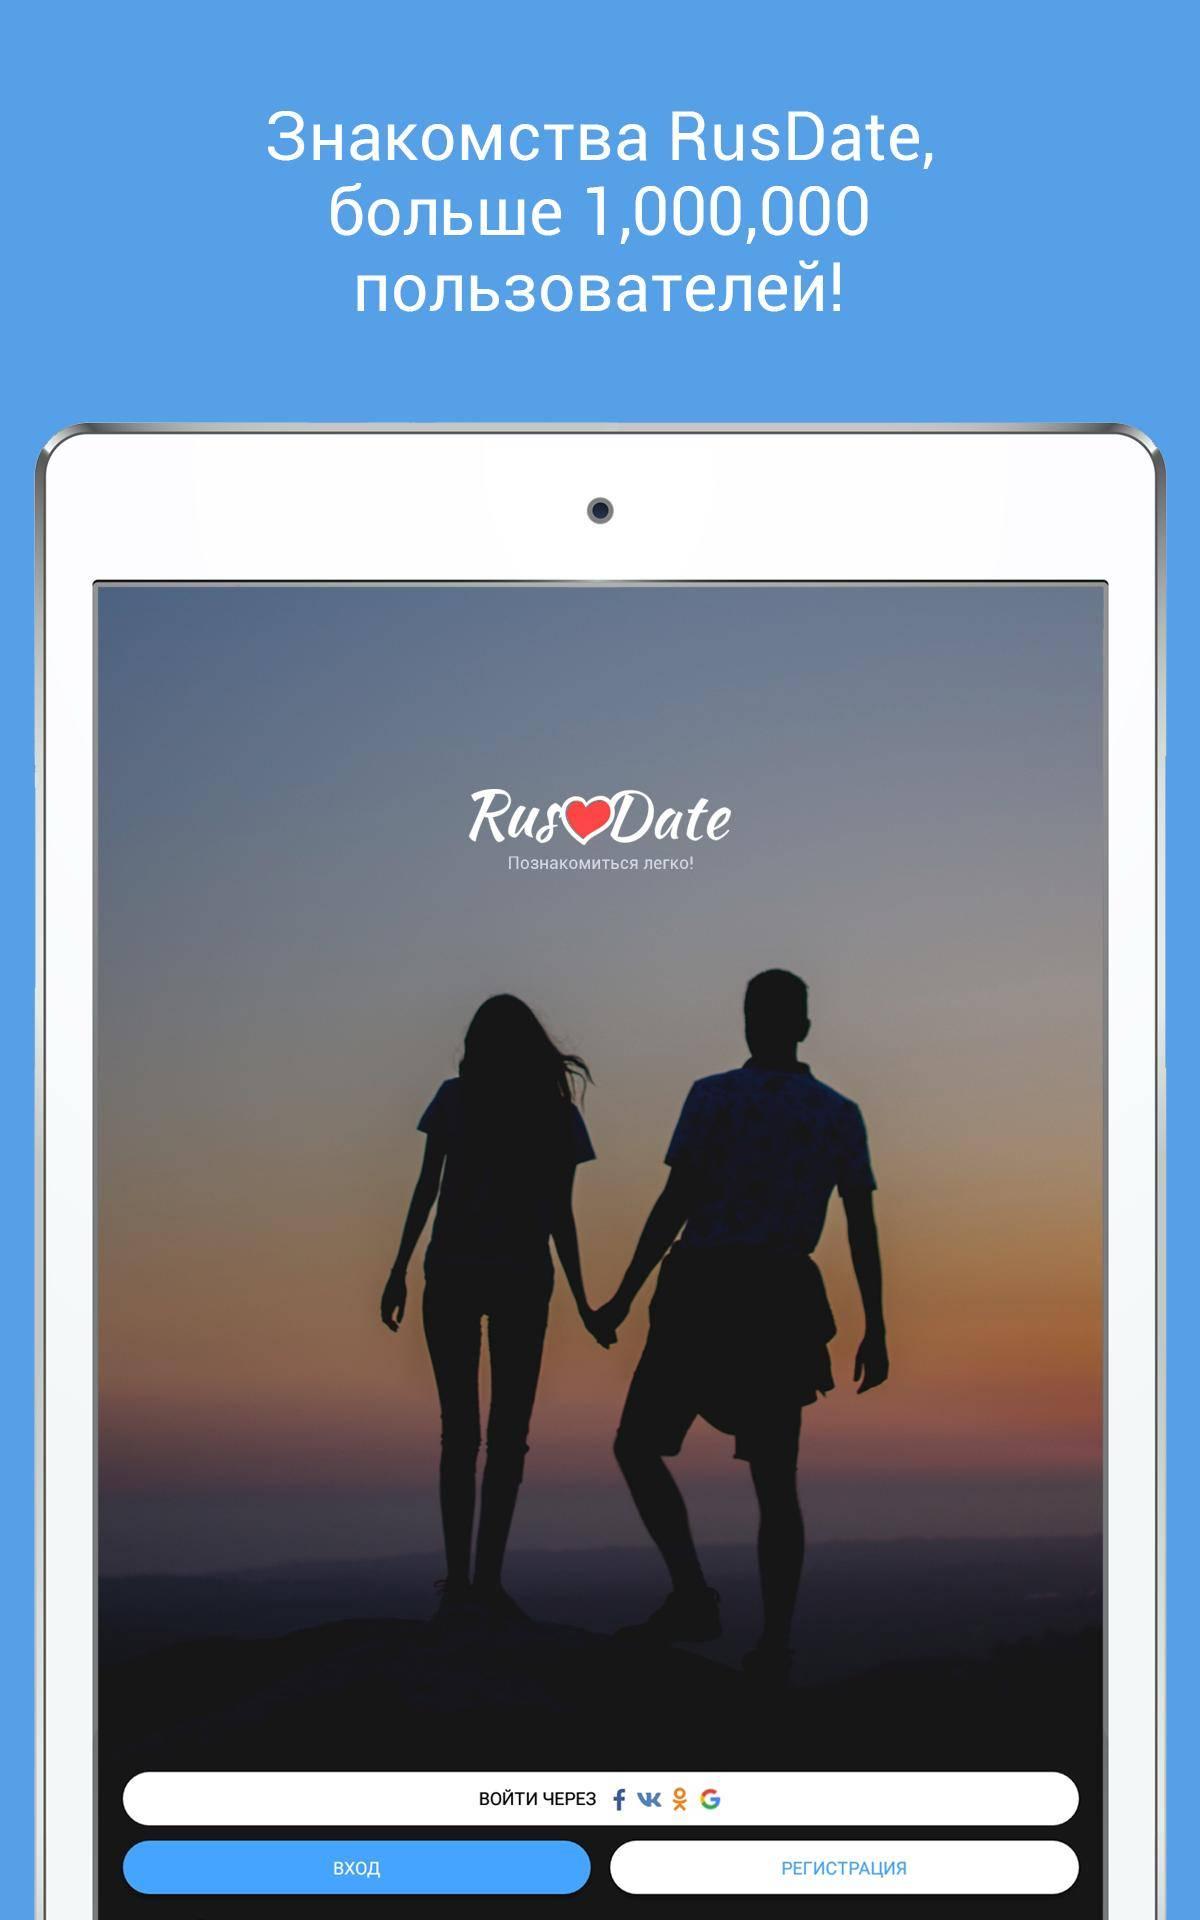 6 лучших приложений для знакомств и поиска сексуальных партнёров - лайфхакер